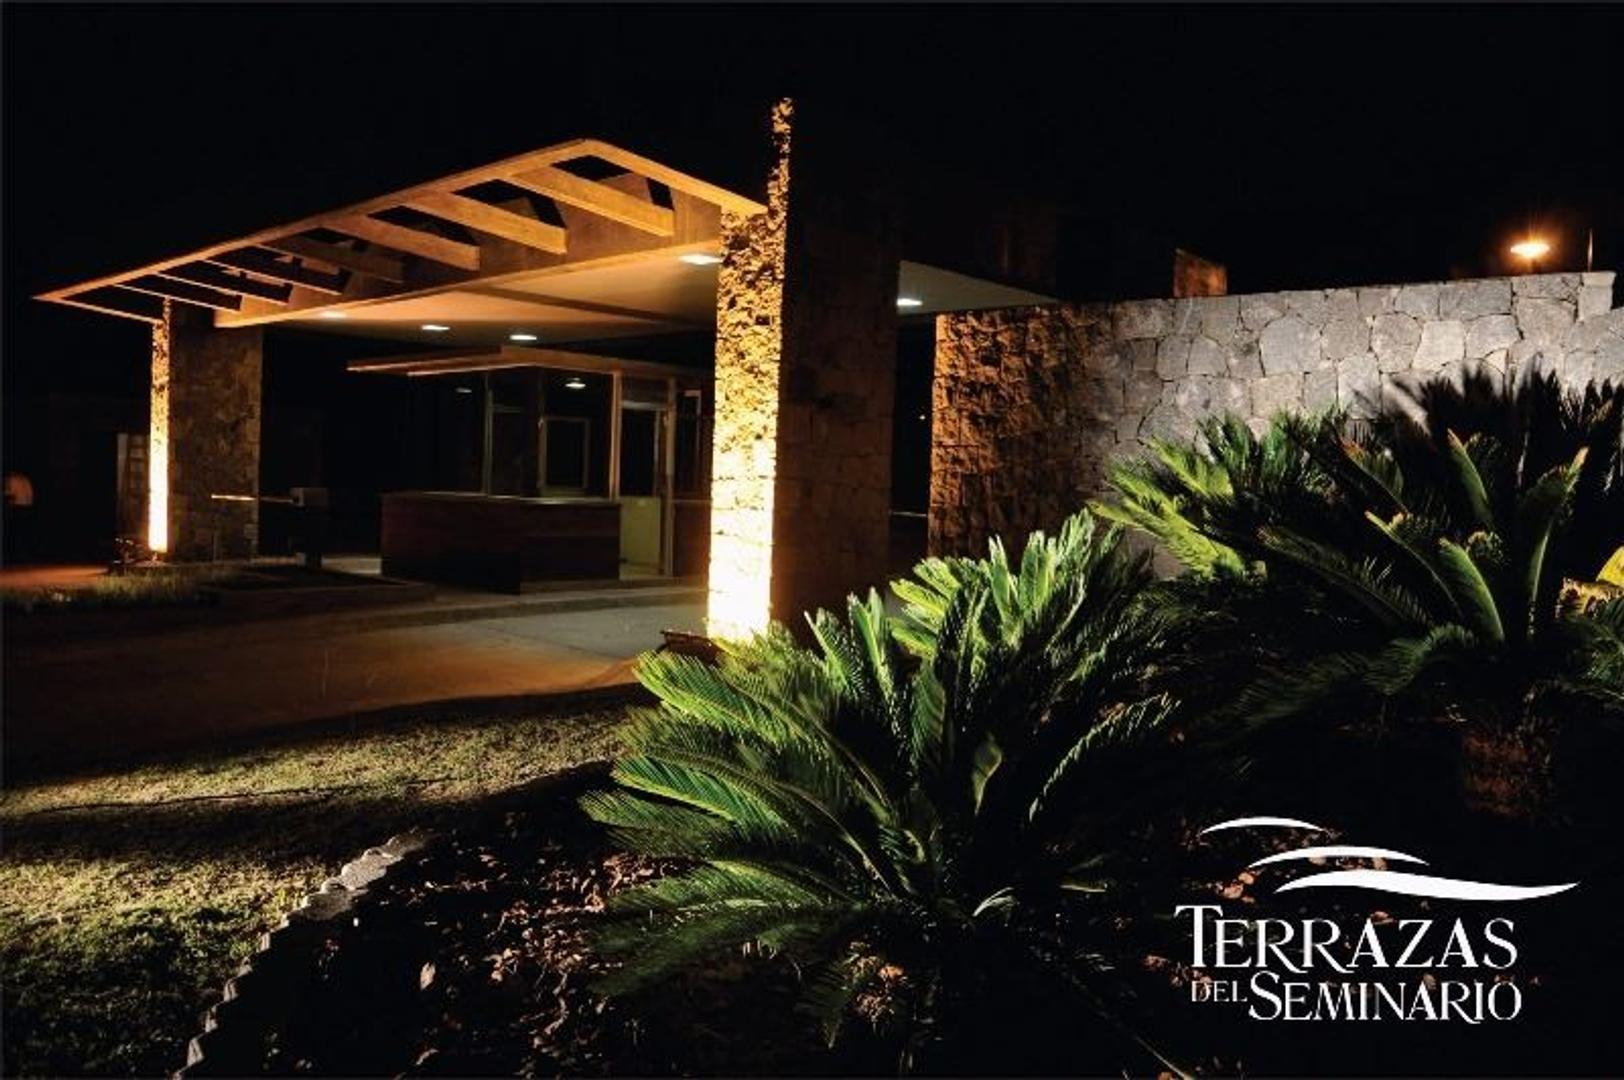 EXCELENTE LOTE EN TERRAZAS DEL SEMINARIO 1